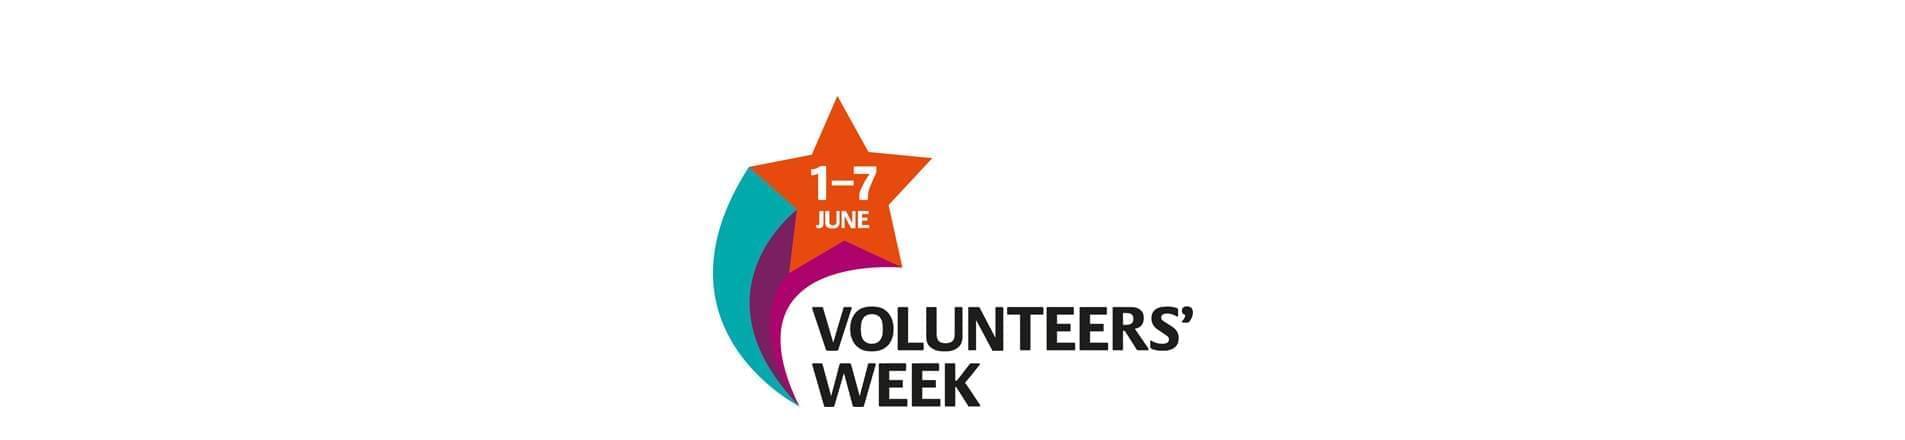 the Volunteers' Week 2017 1-7 June logo